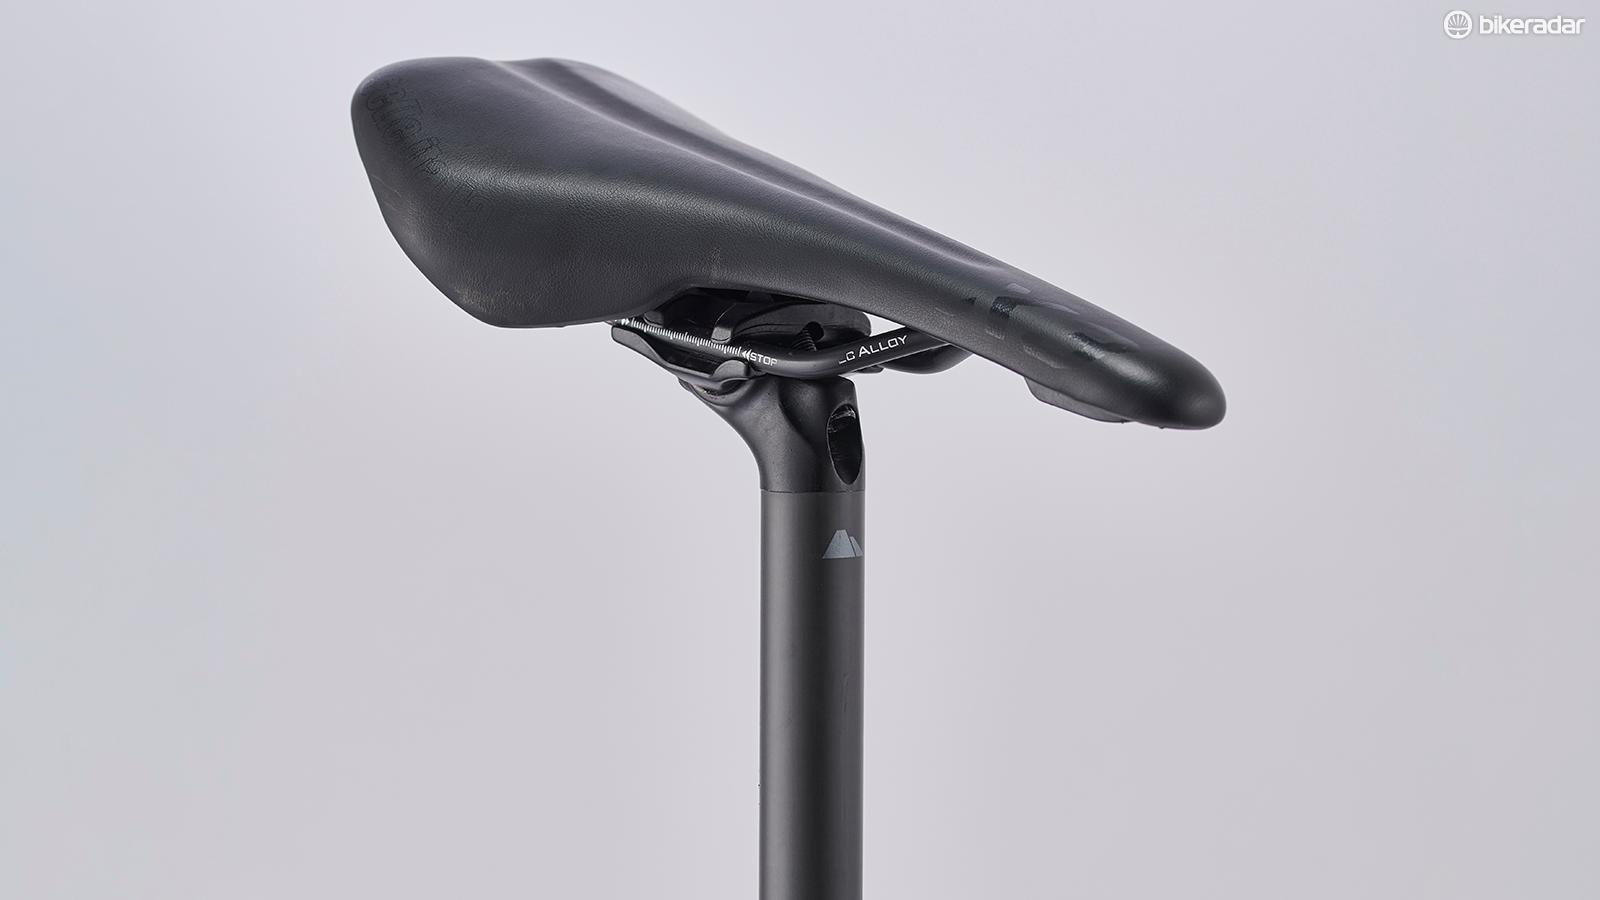 The Selle Italia X3 Canyon Edition saddle